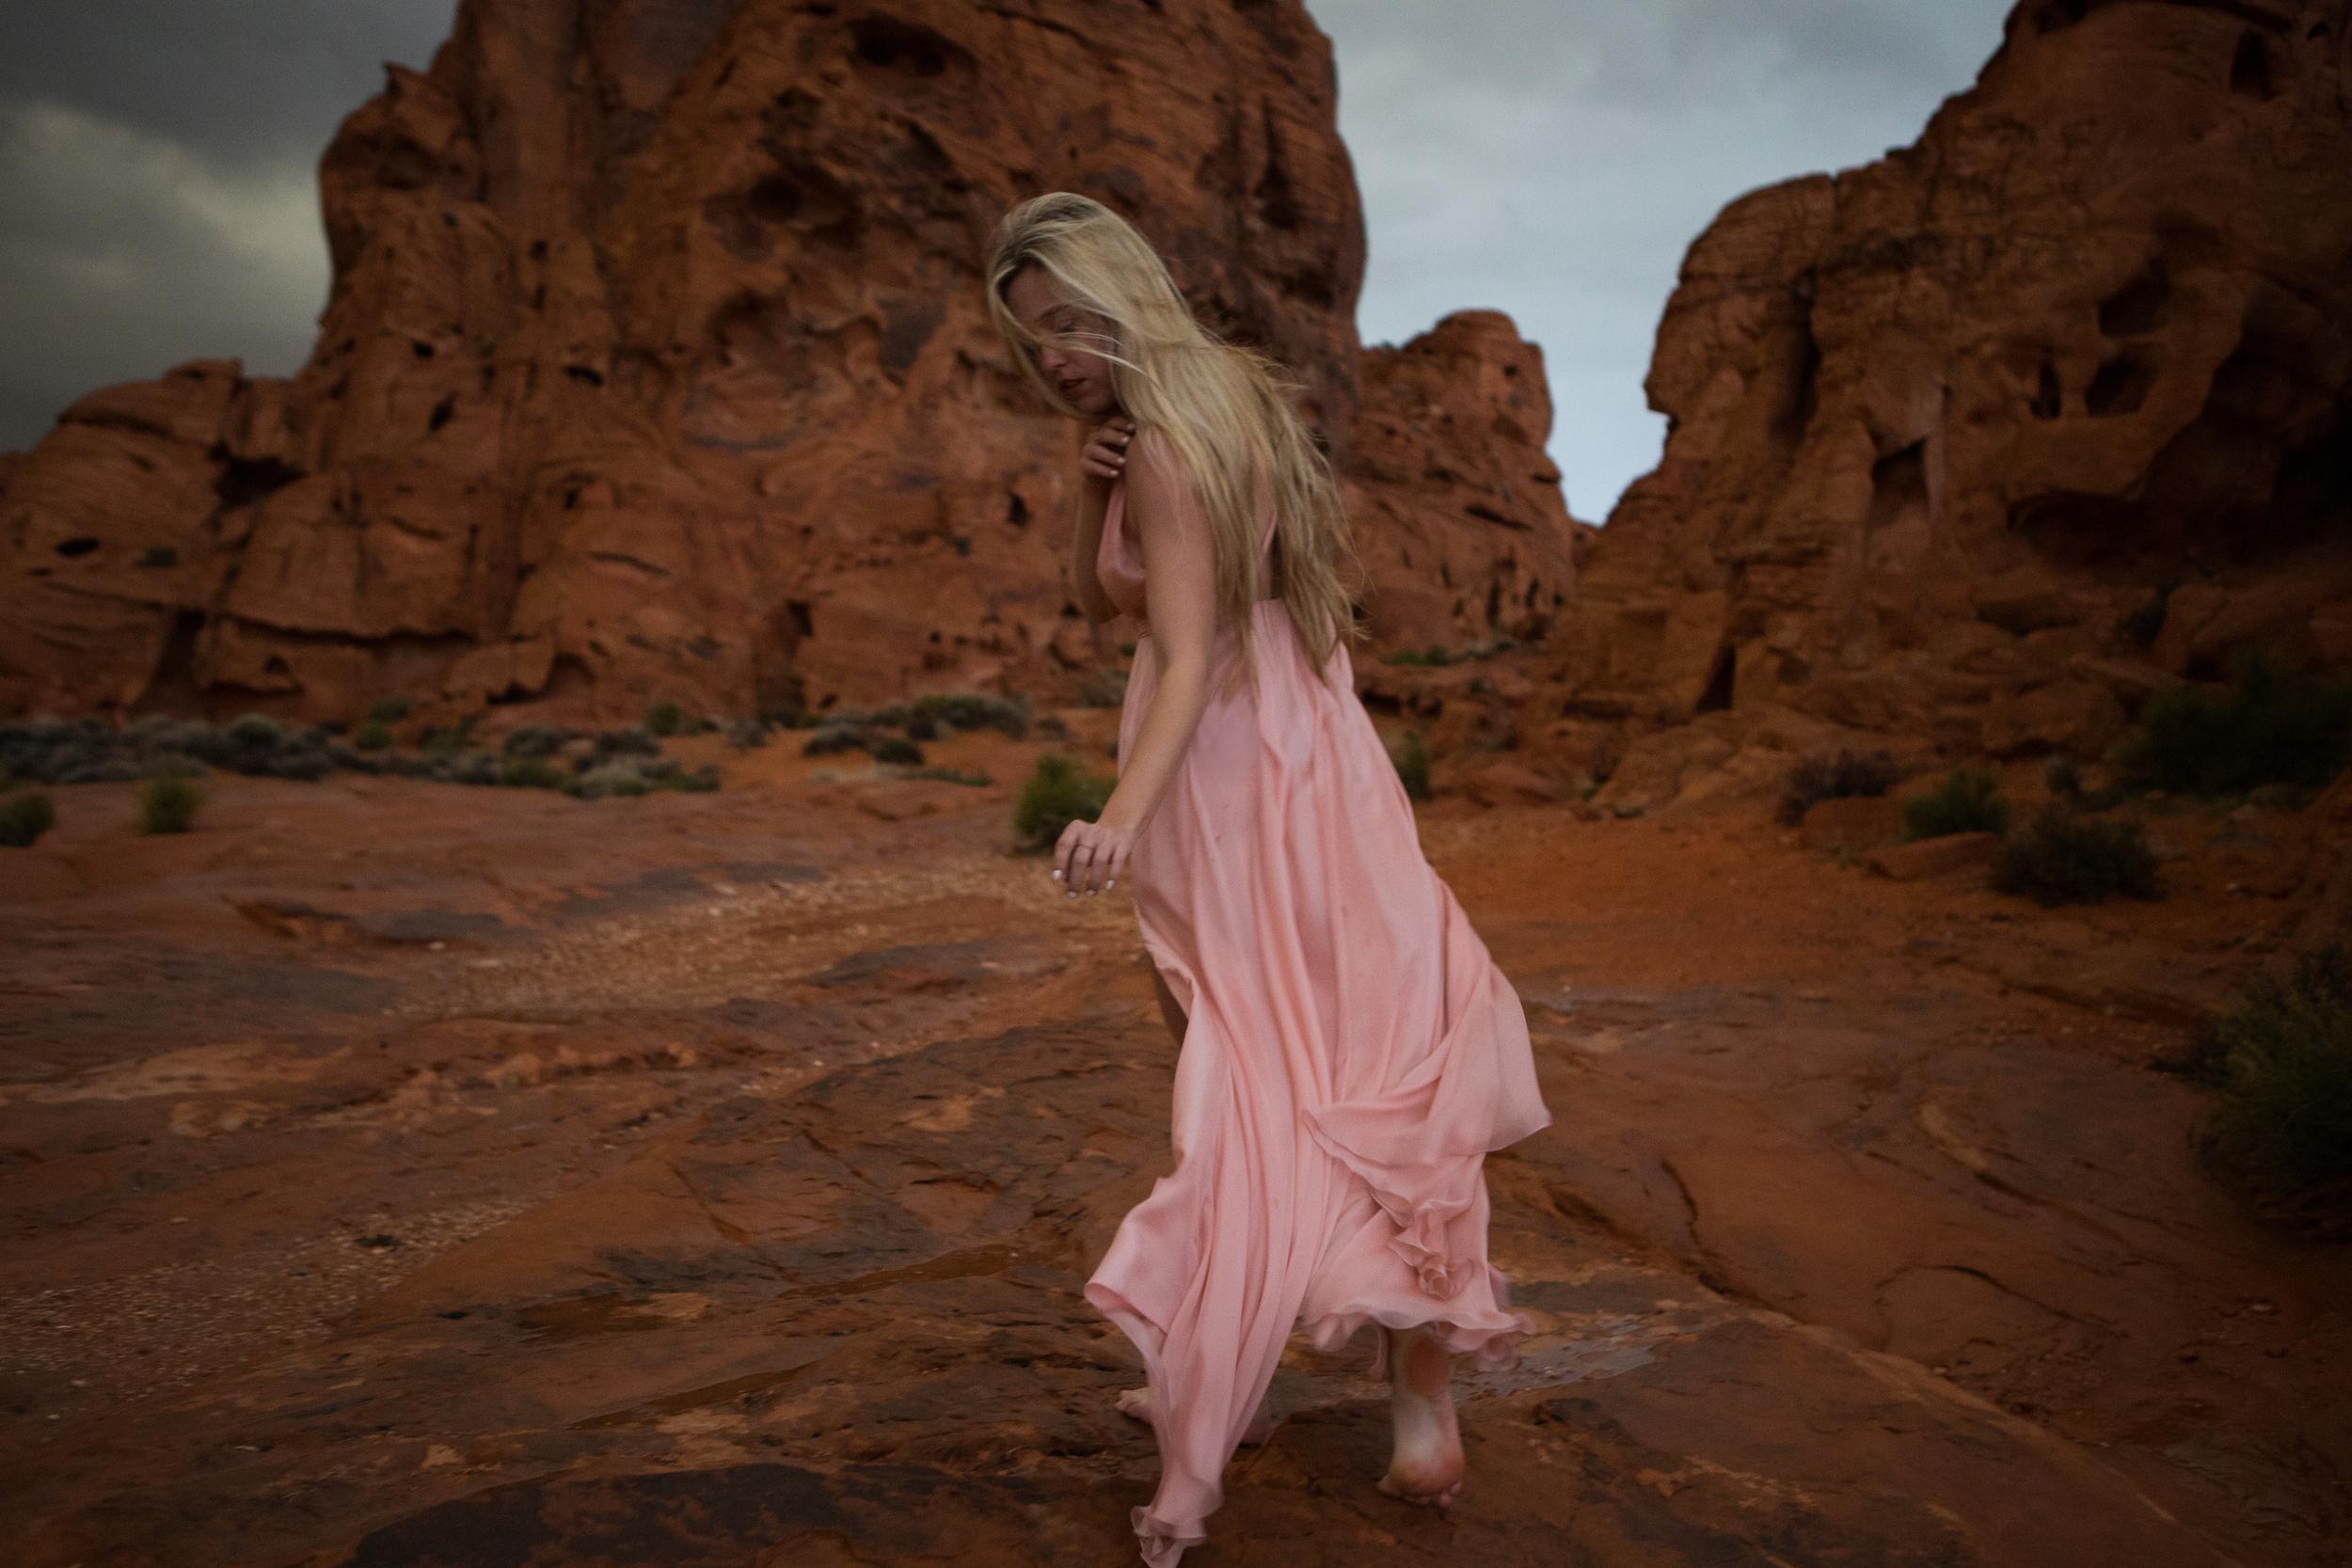 AstroBandit_JordanRose_ValleyOfFire_PinkSilk_RedRockFormations_Fashion_2.jpg